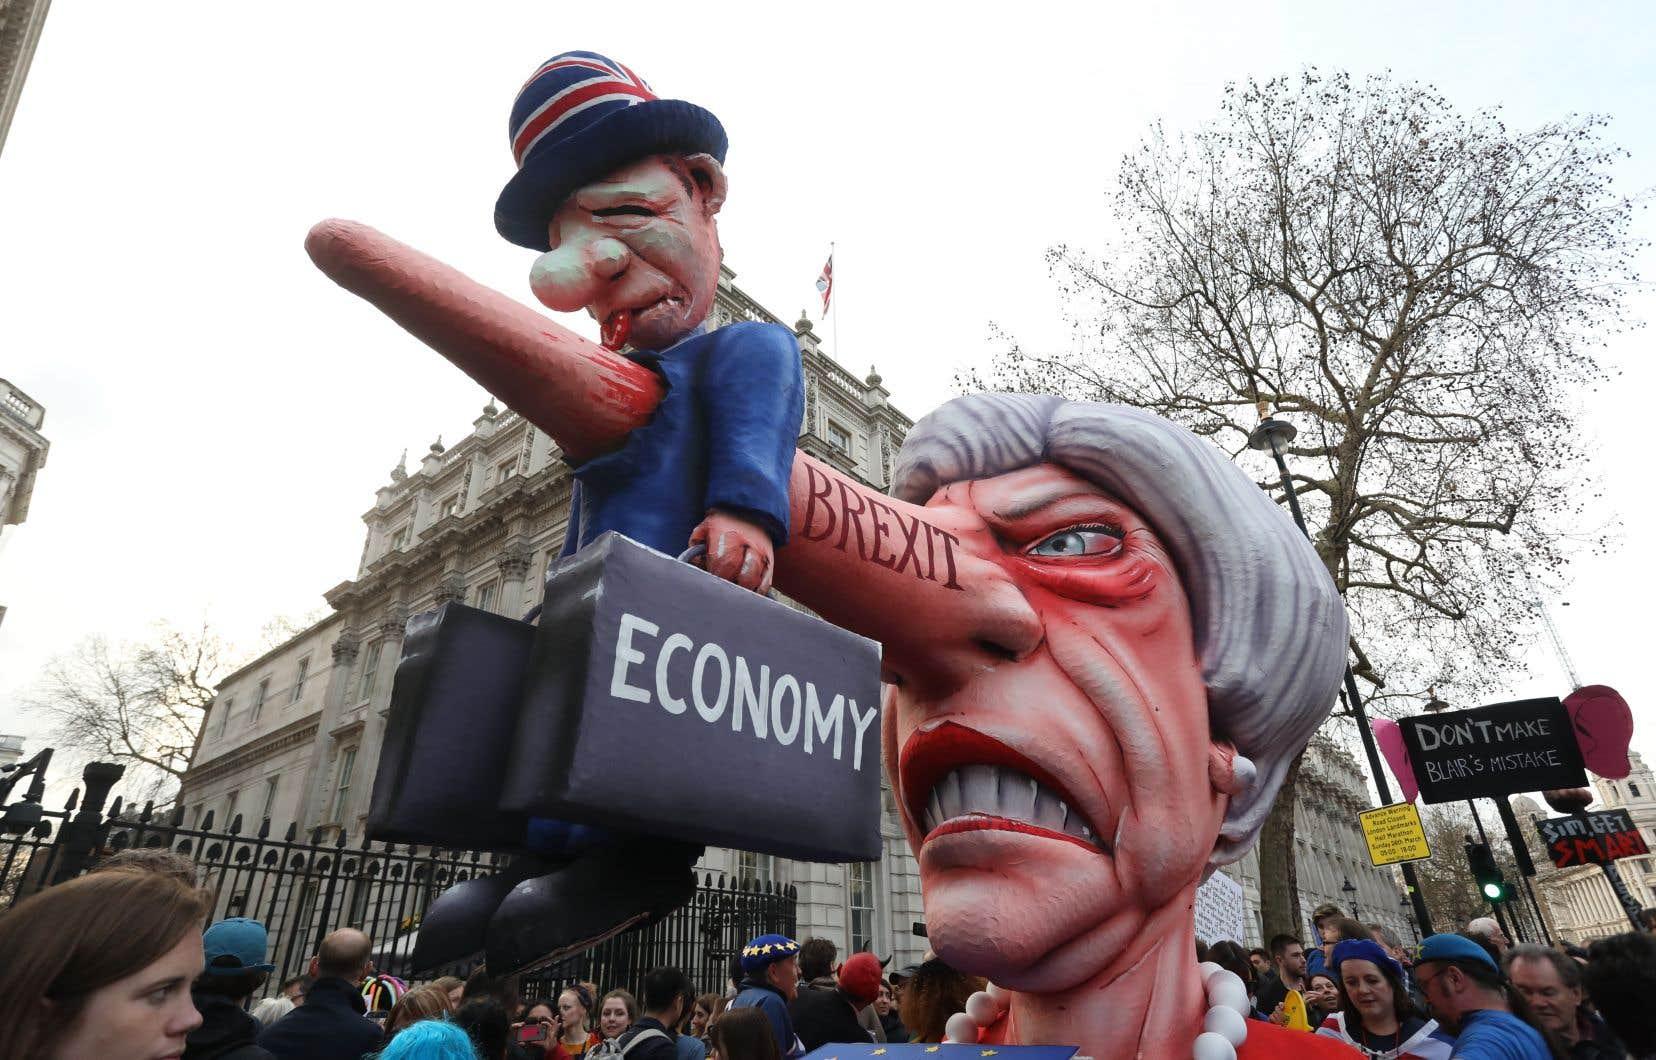 À l'orée de cette semaine cruciale, des centaines de milliers de manifestants anti-Brexit ont défilé à Londres samedi pour réclamer un nouveau référendum.